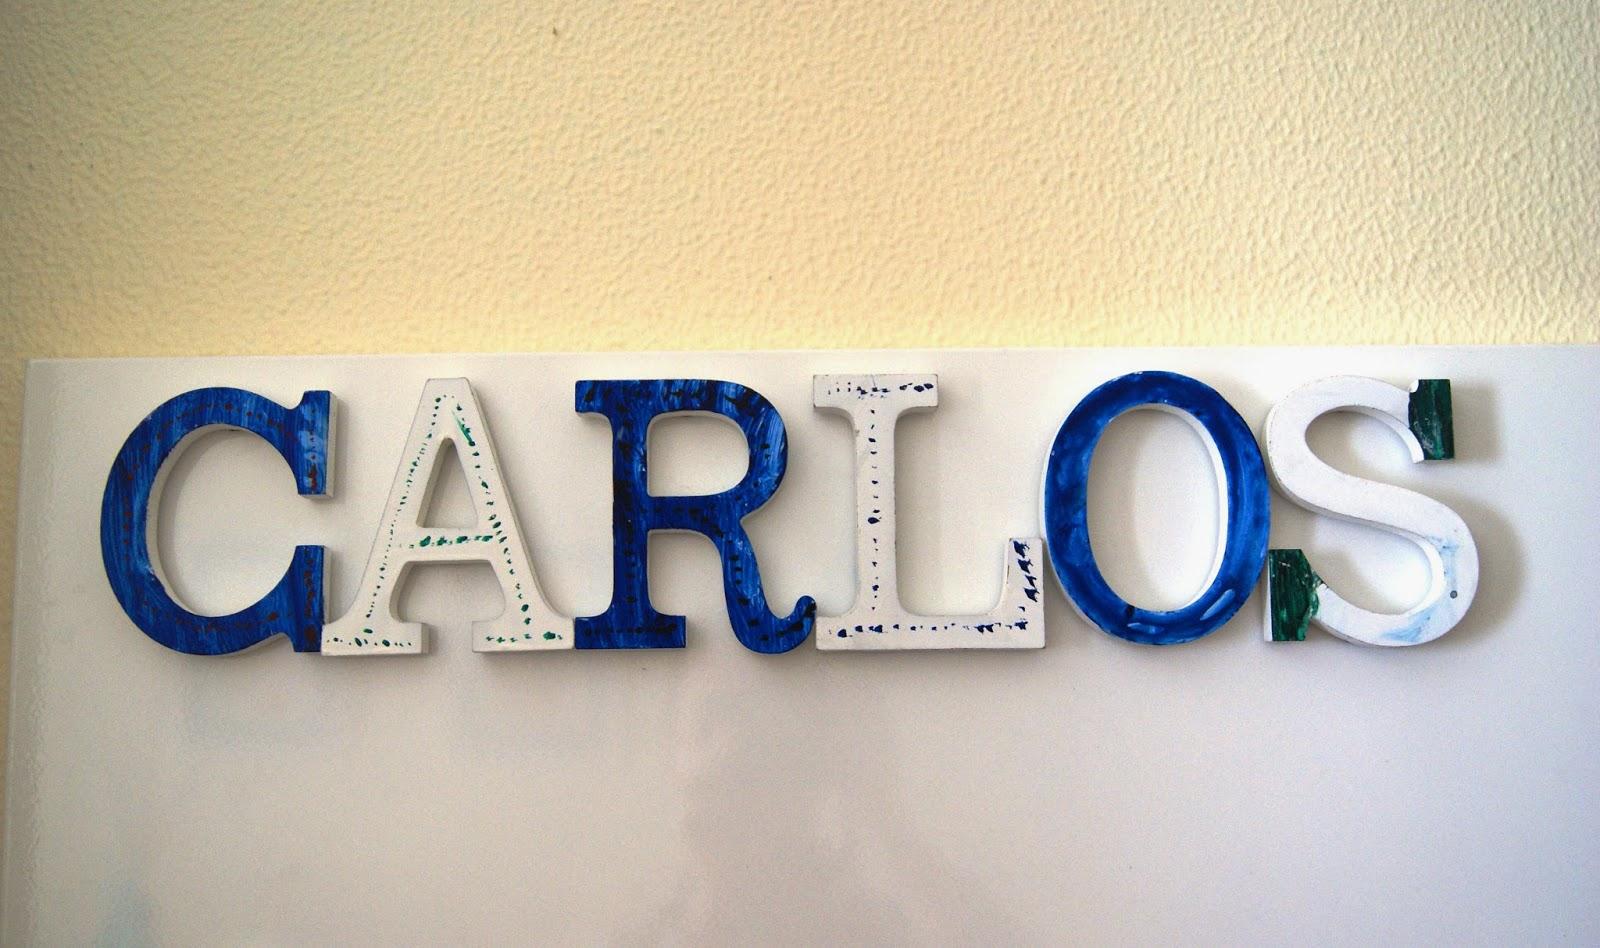 Ruca la casa de los complementos letras de madera - Casa letras madera ...